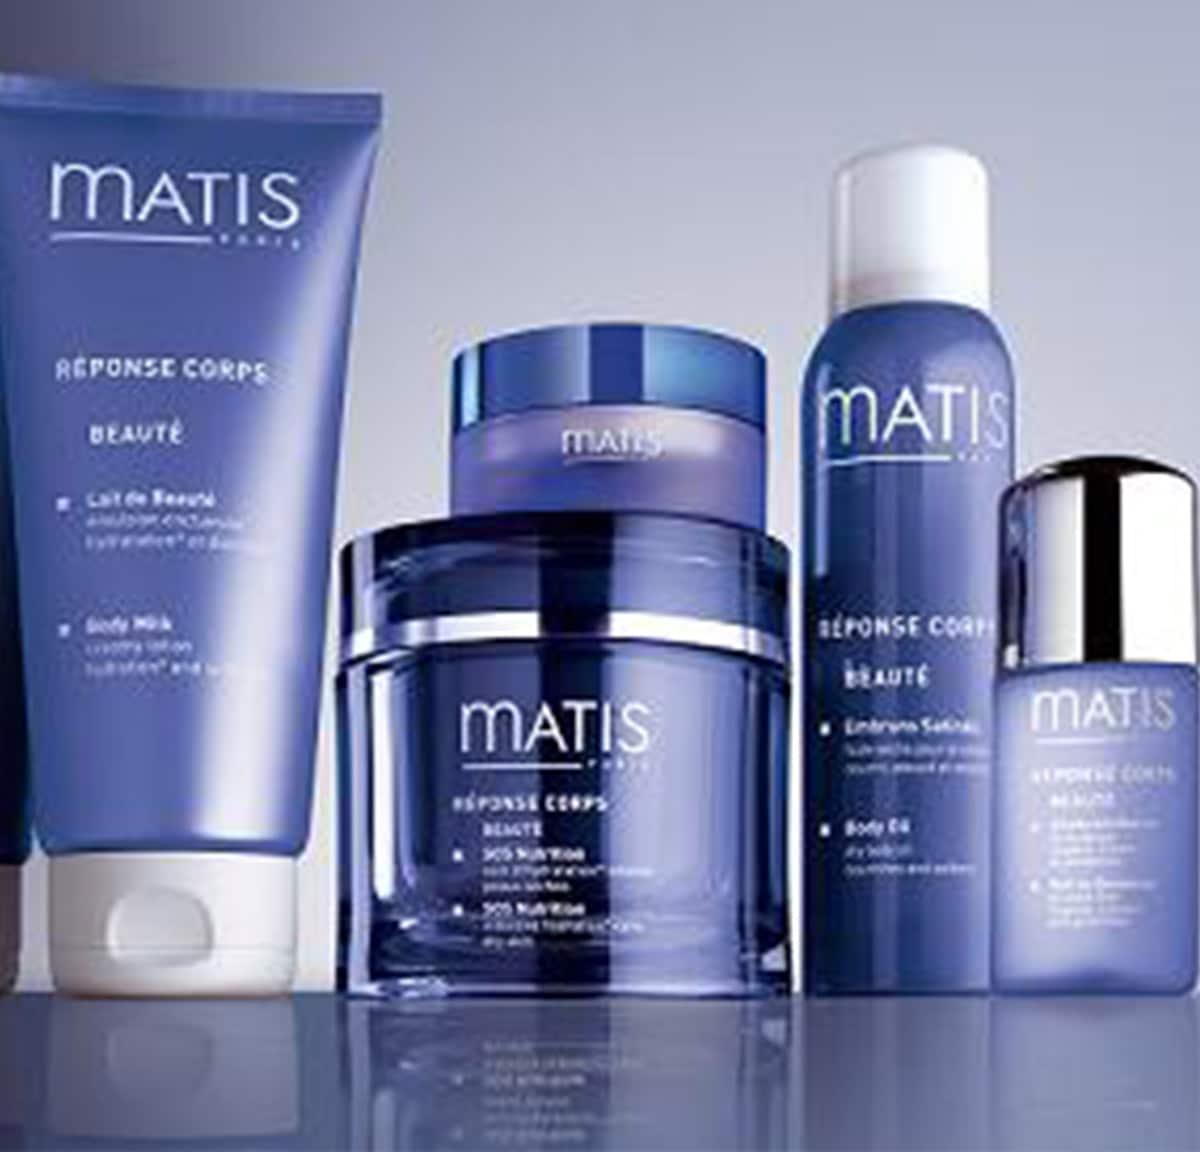 Matis Body Response Matis Splush Online